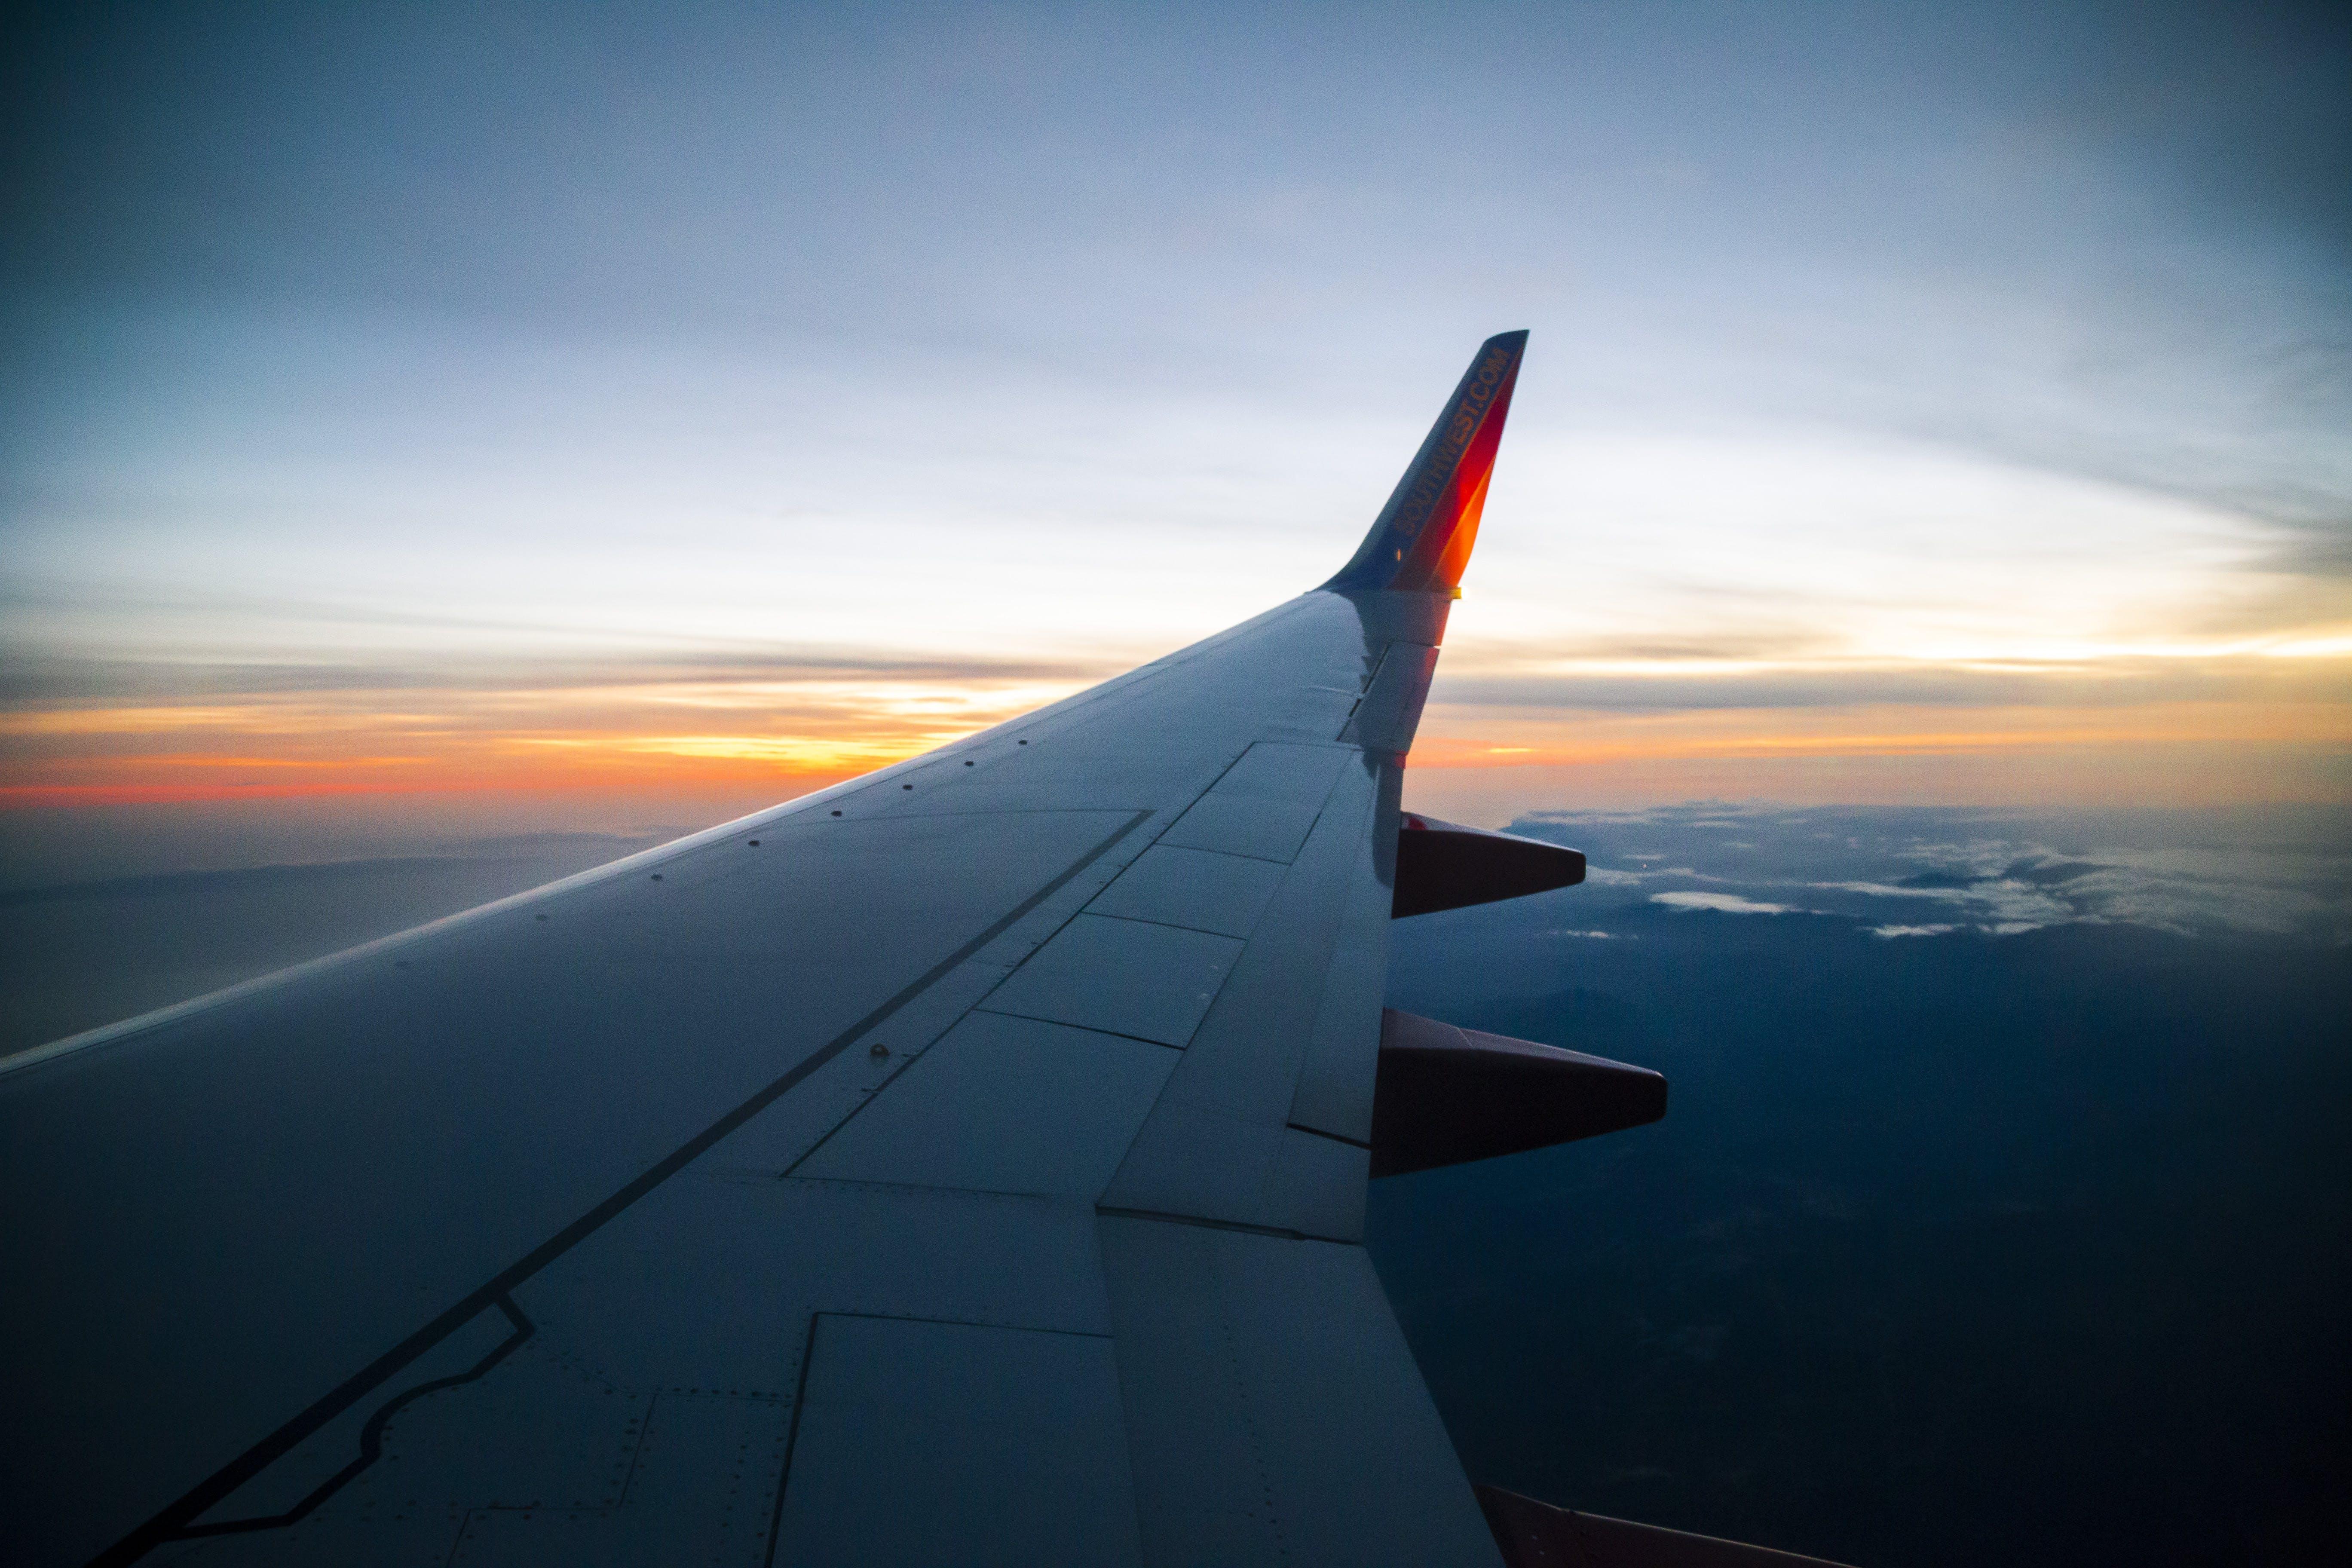 天空, 平面, 機翼, 航空器 的 免费素材照片